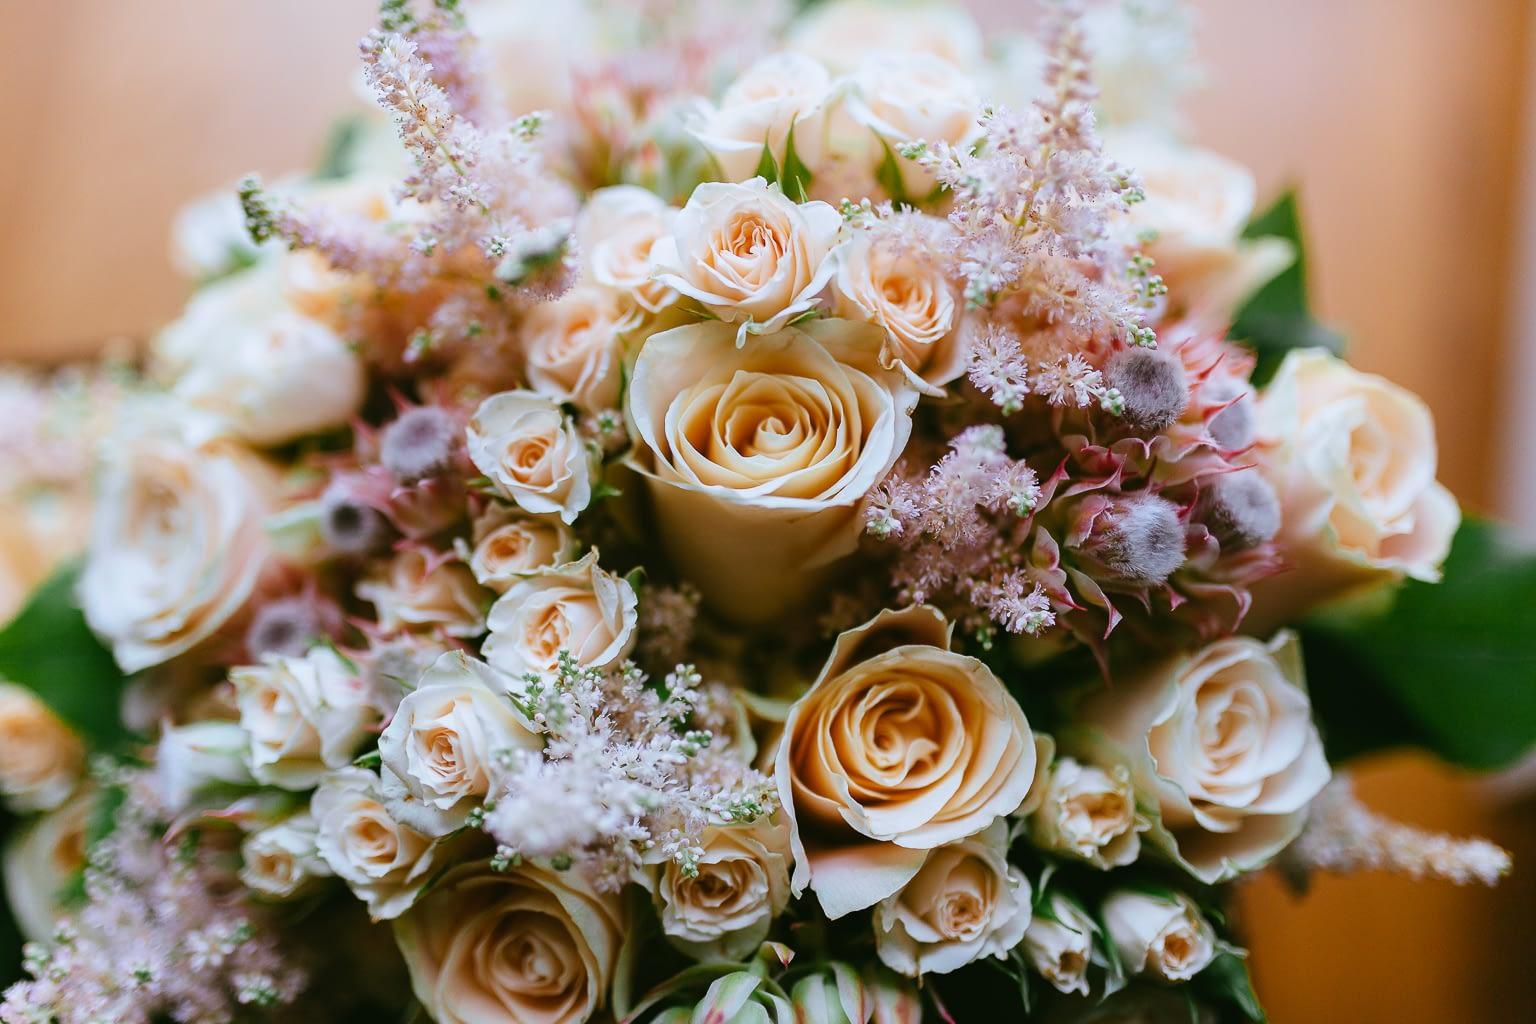 détails de la photo de mariage. bouquet de la mariée